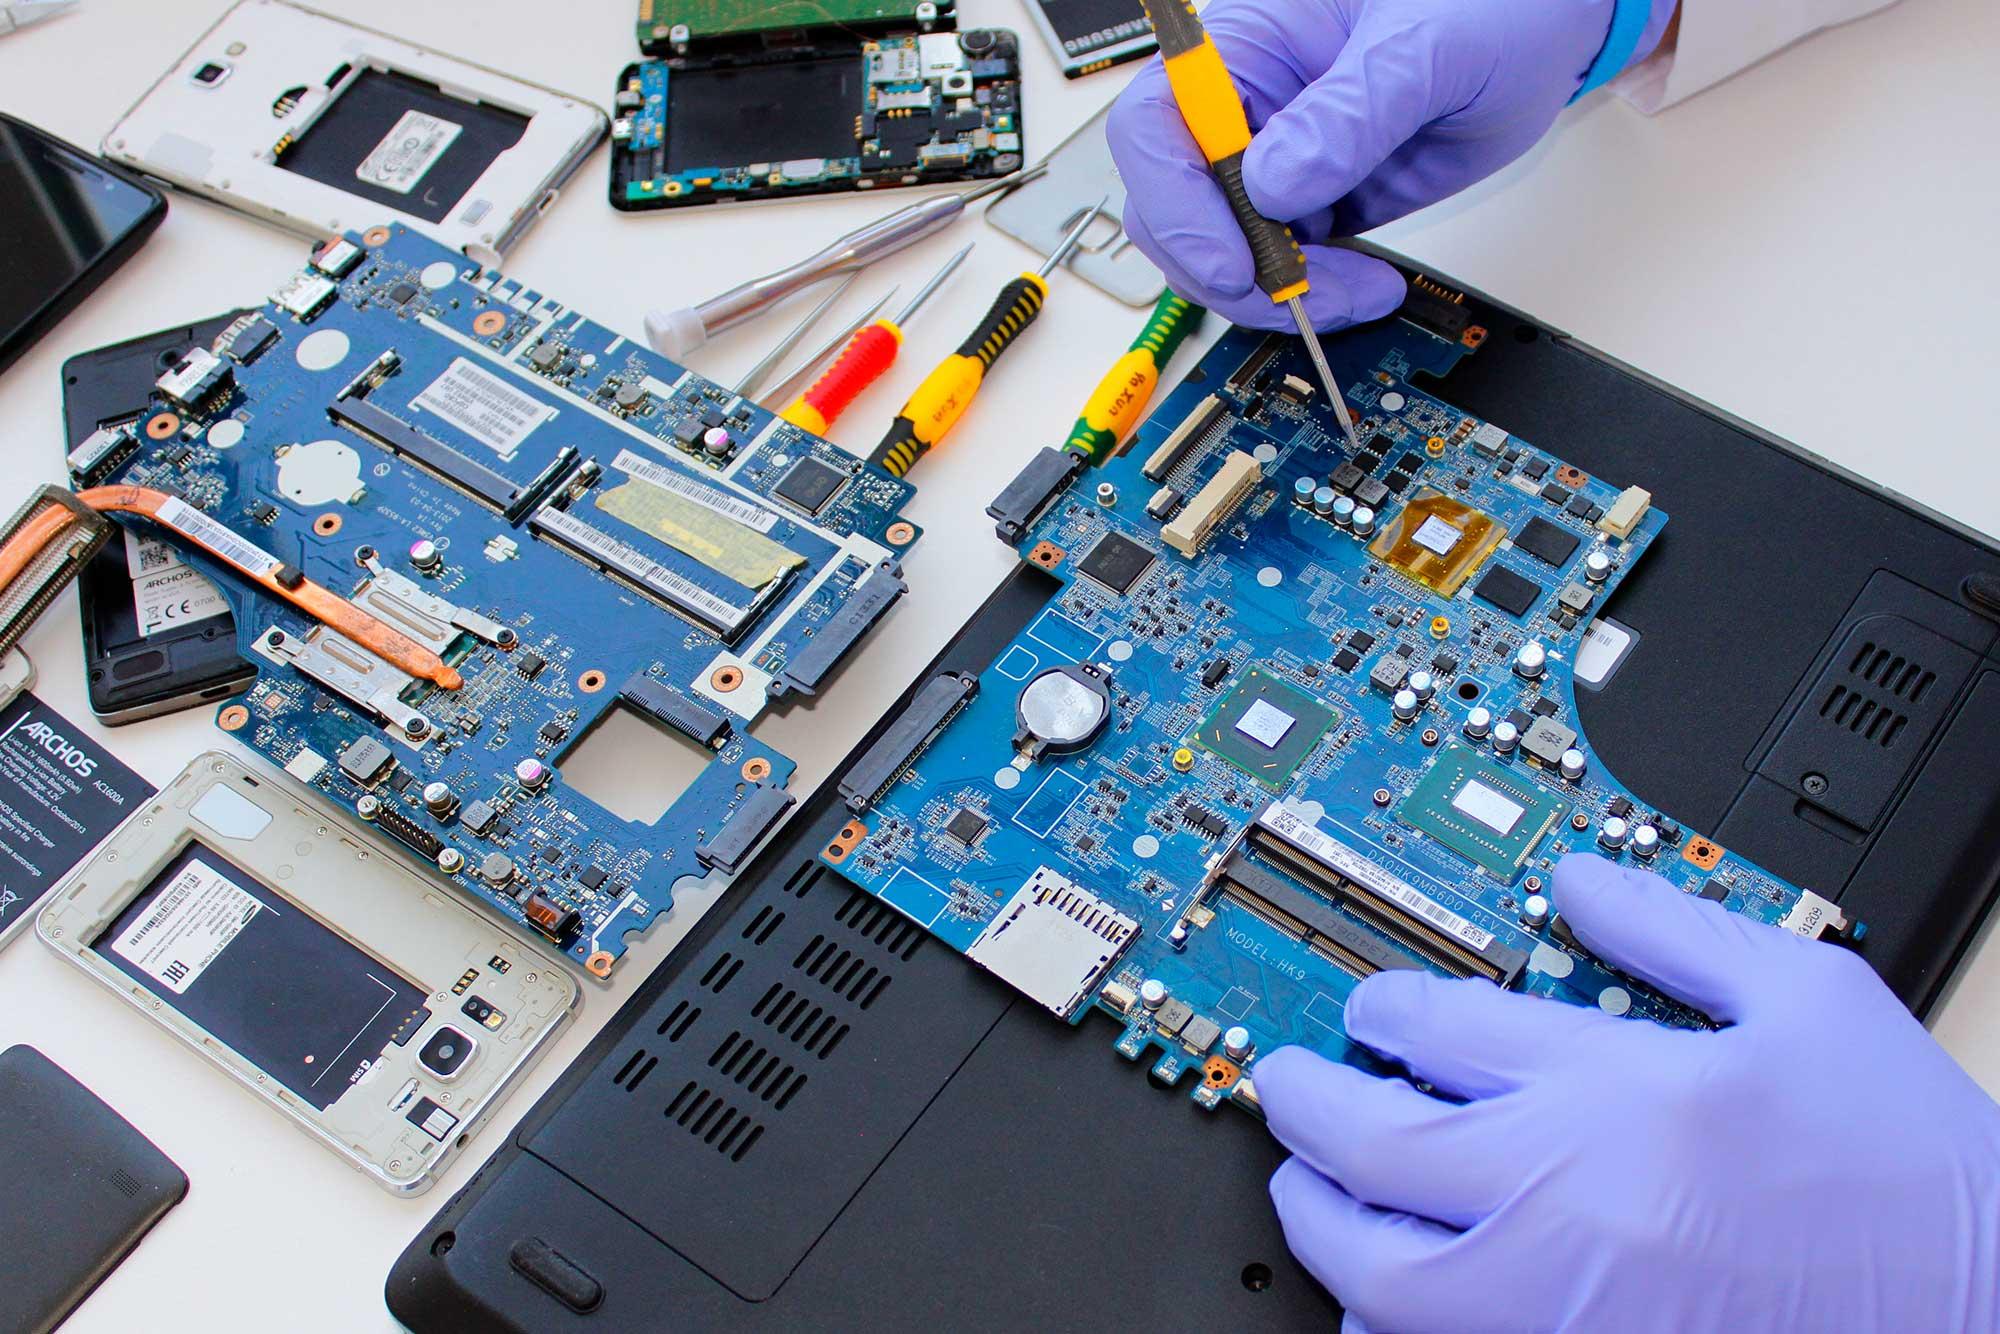 Dịch Vụ Sửa Laptop Tận Nơi Quận 9 Giá Rẻ